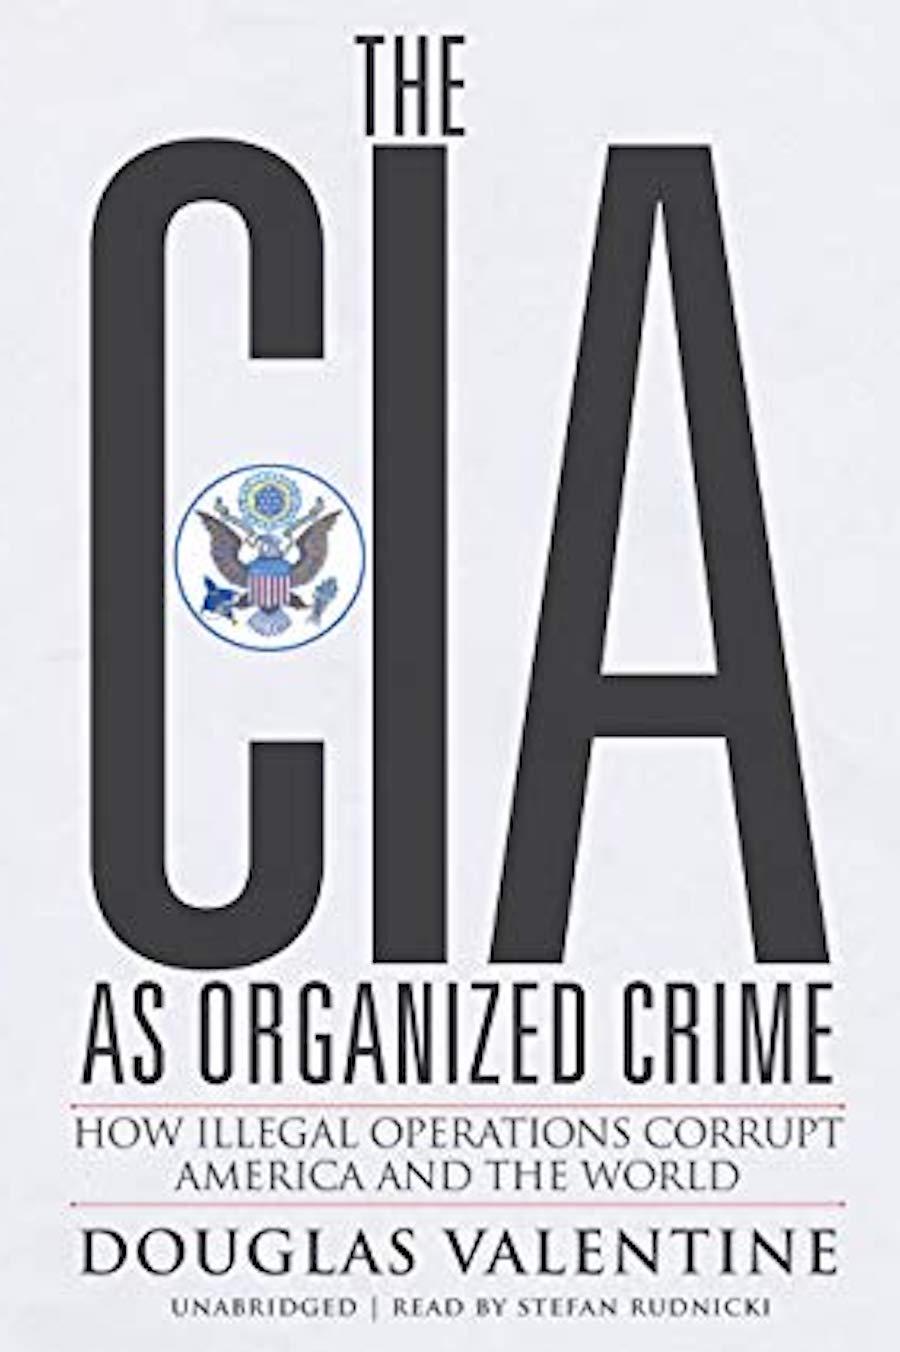 cia organized crime